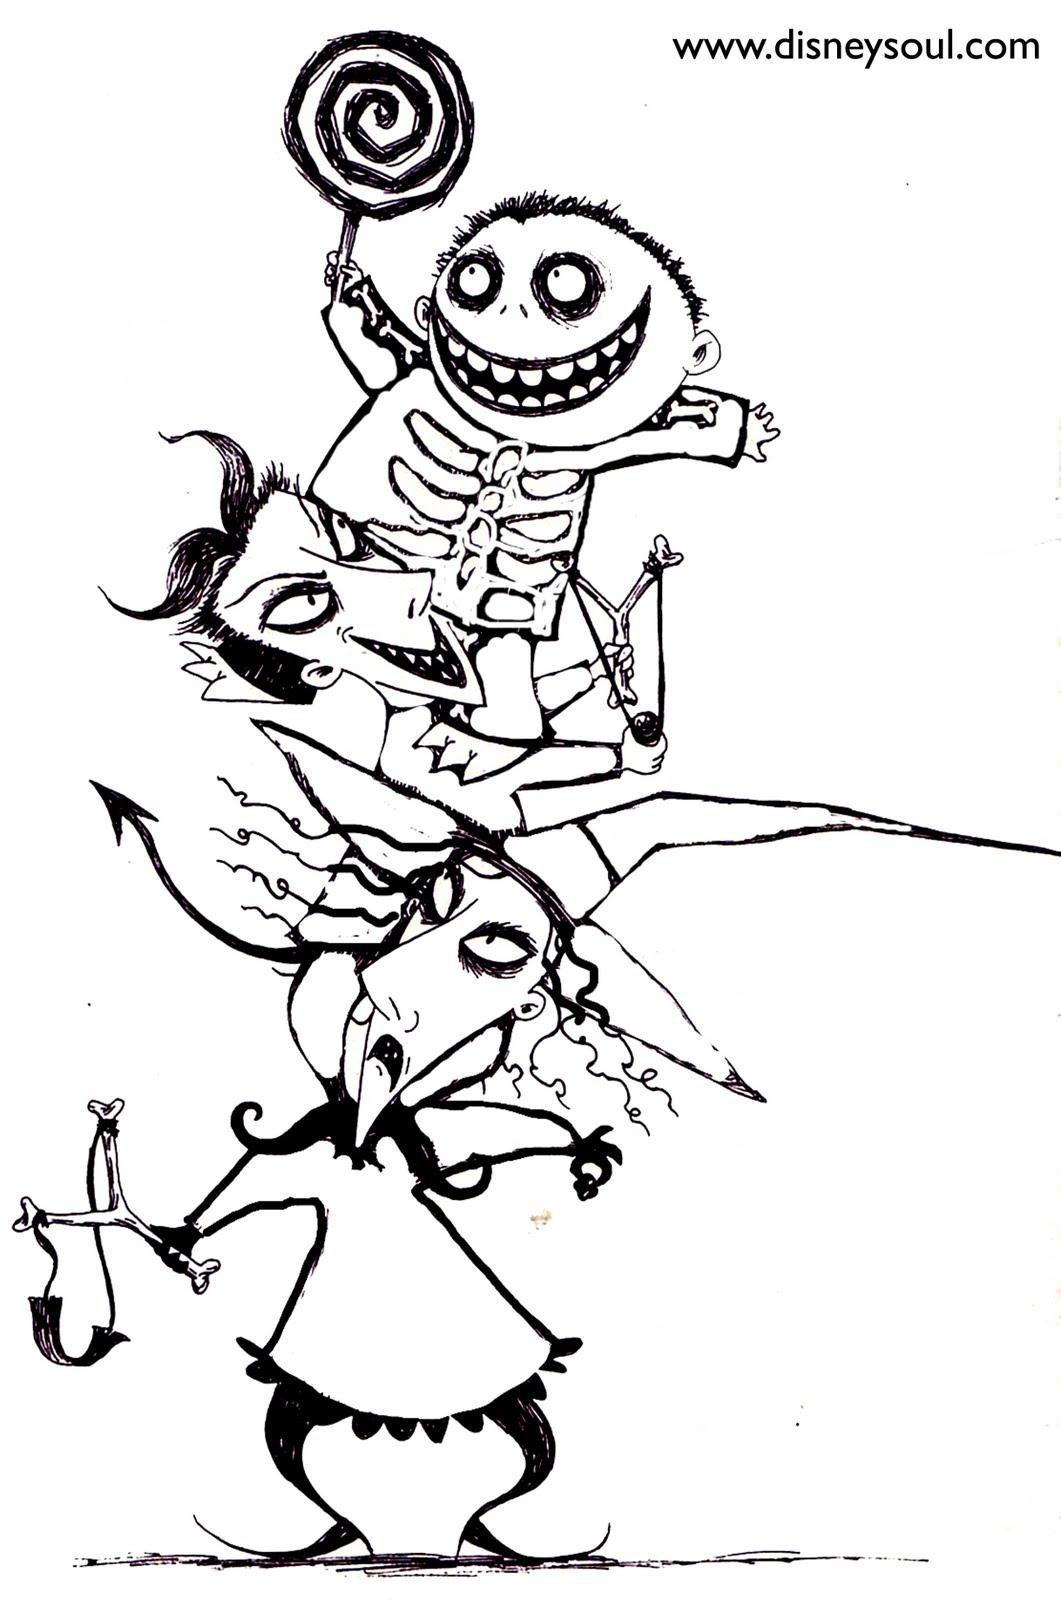 Disney Soul Dibujos Para Colorear De Pesadilla Antes De